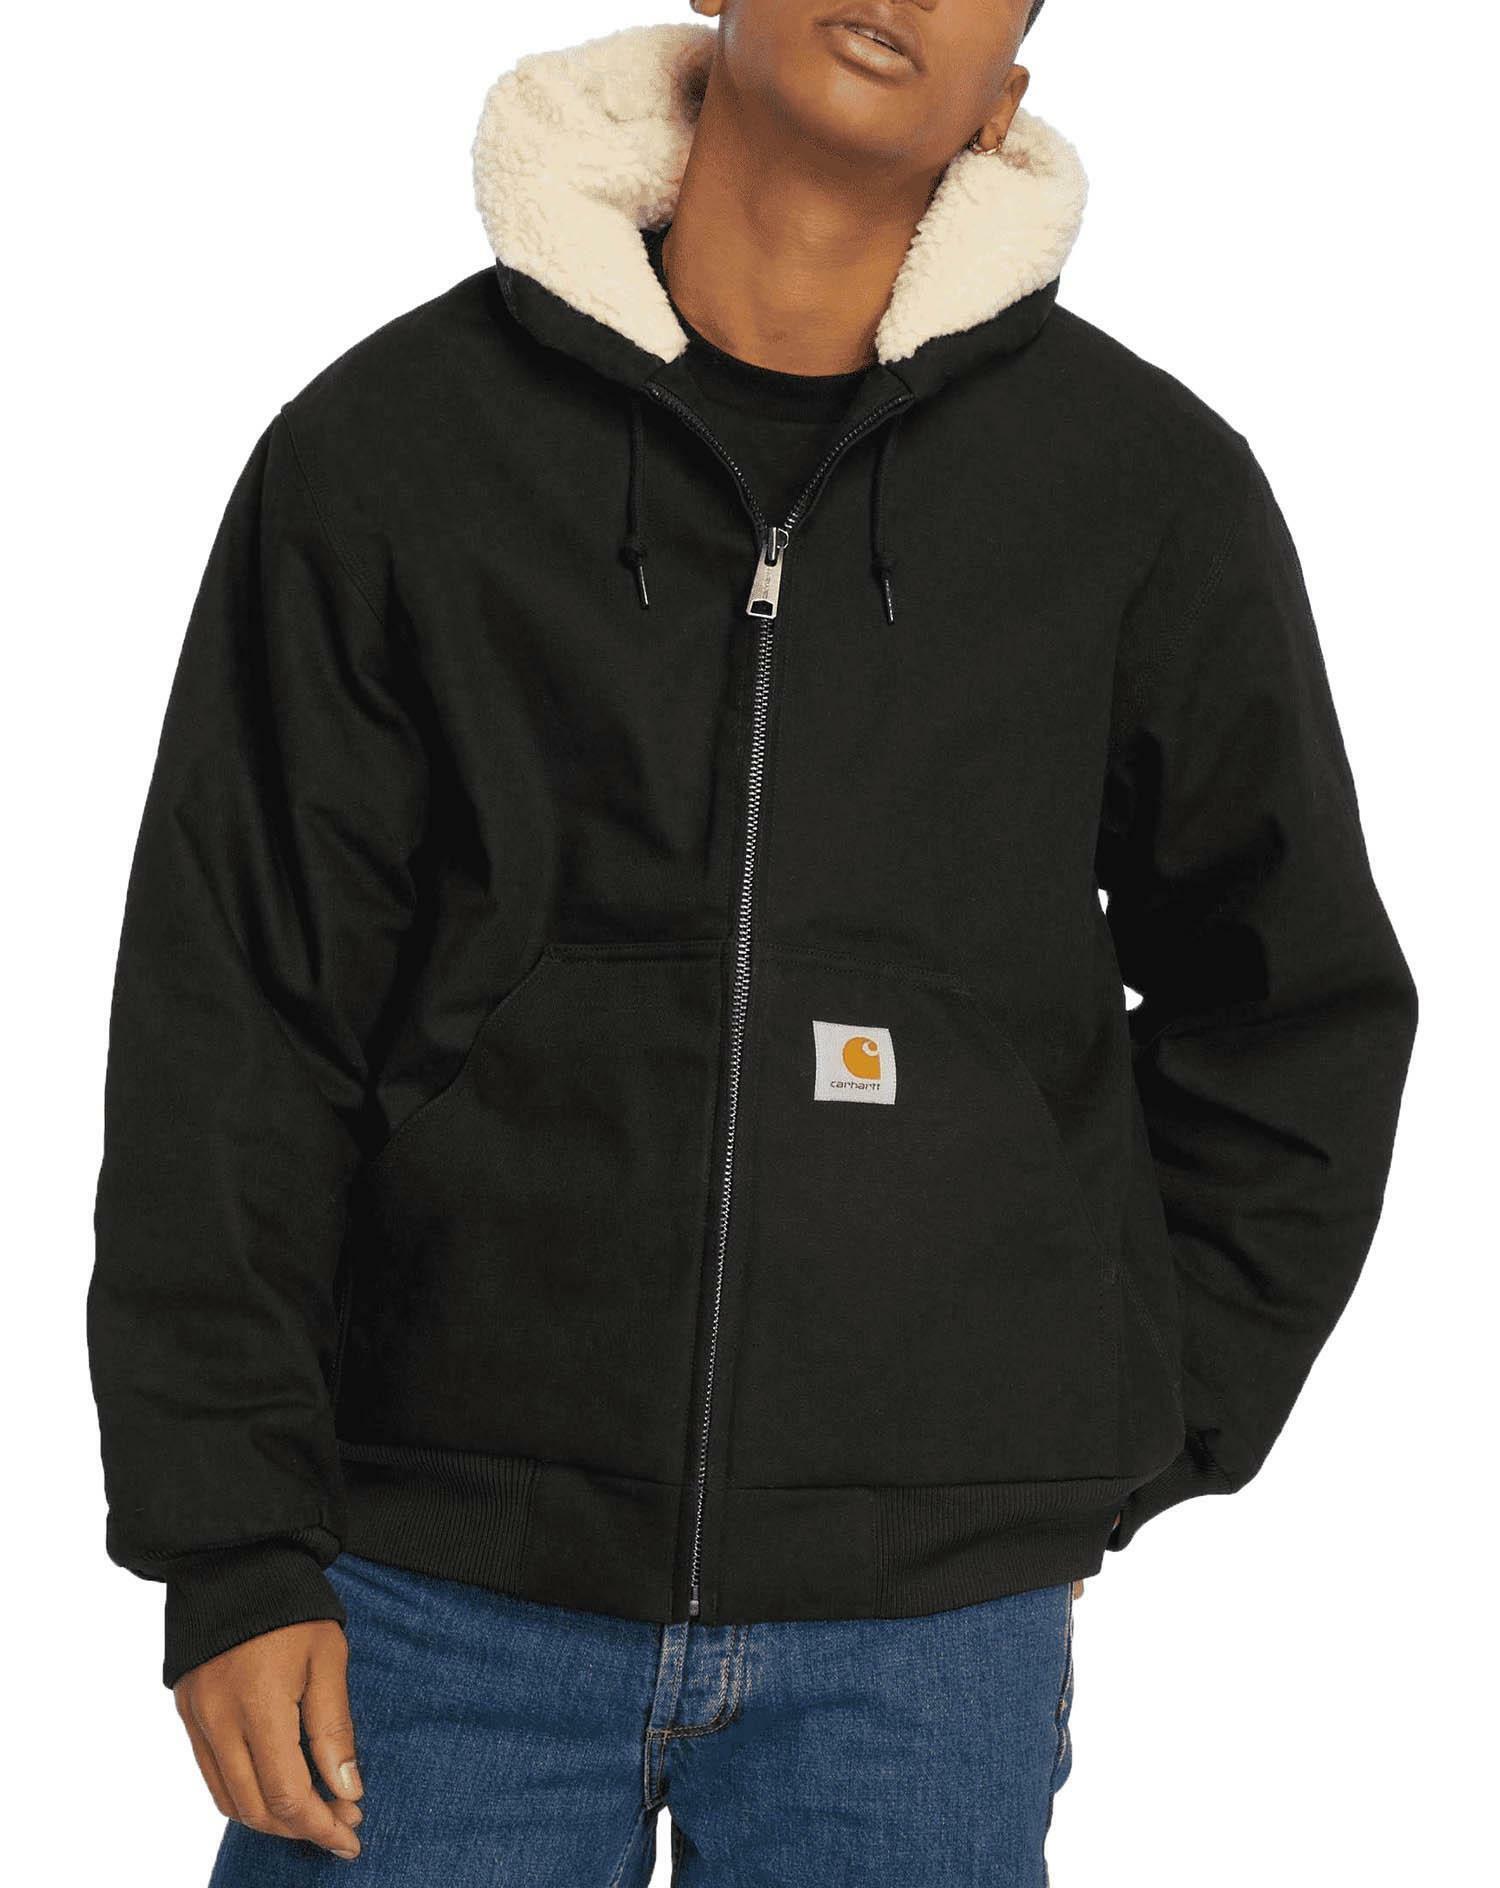 los angeles ec0c9 8adea Carhartt active pile jacket giubbotto uomo nero io24930blk